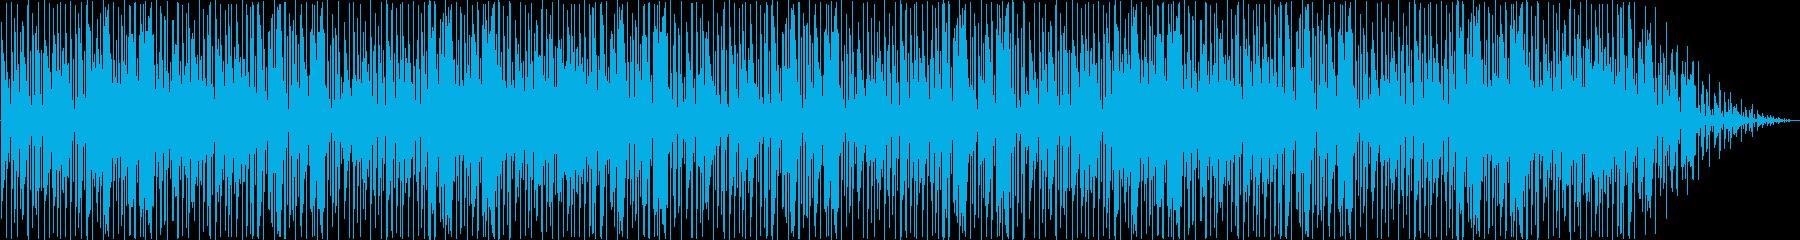 少し幻想的でオーガニックな雰囲気の曲の再生済みの波形